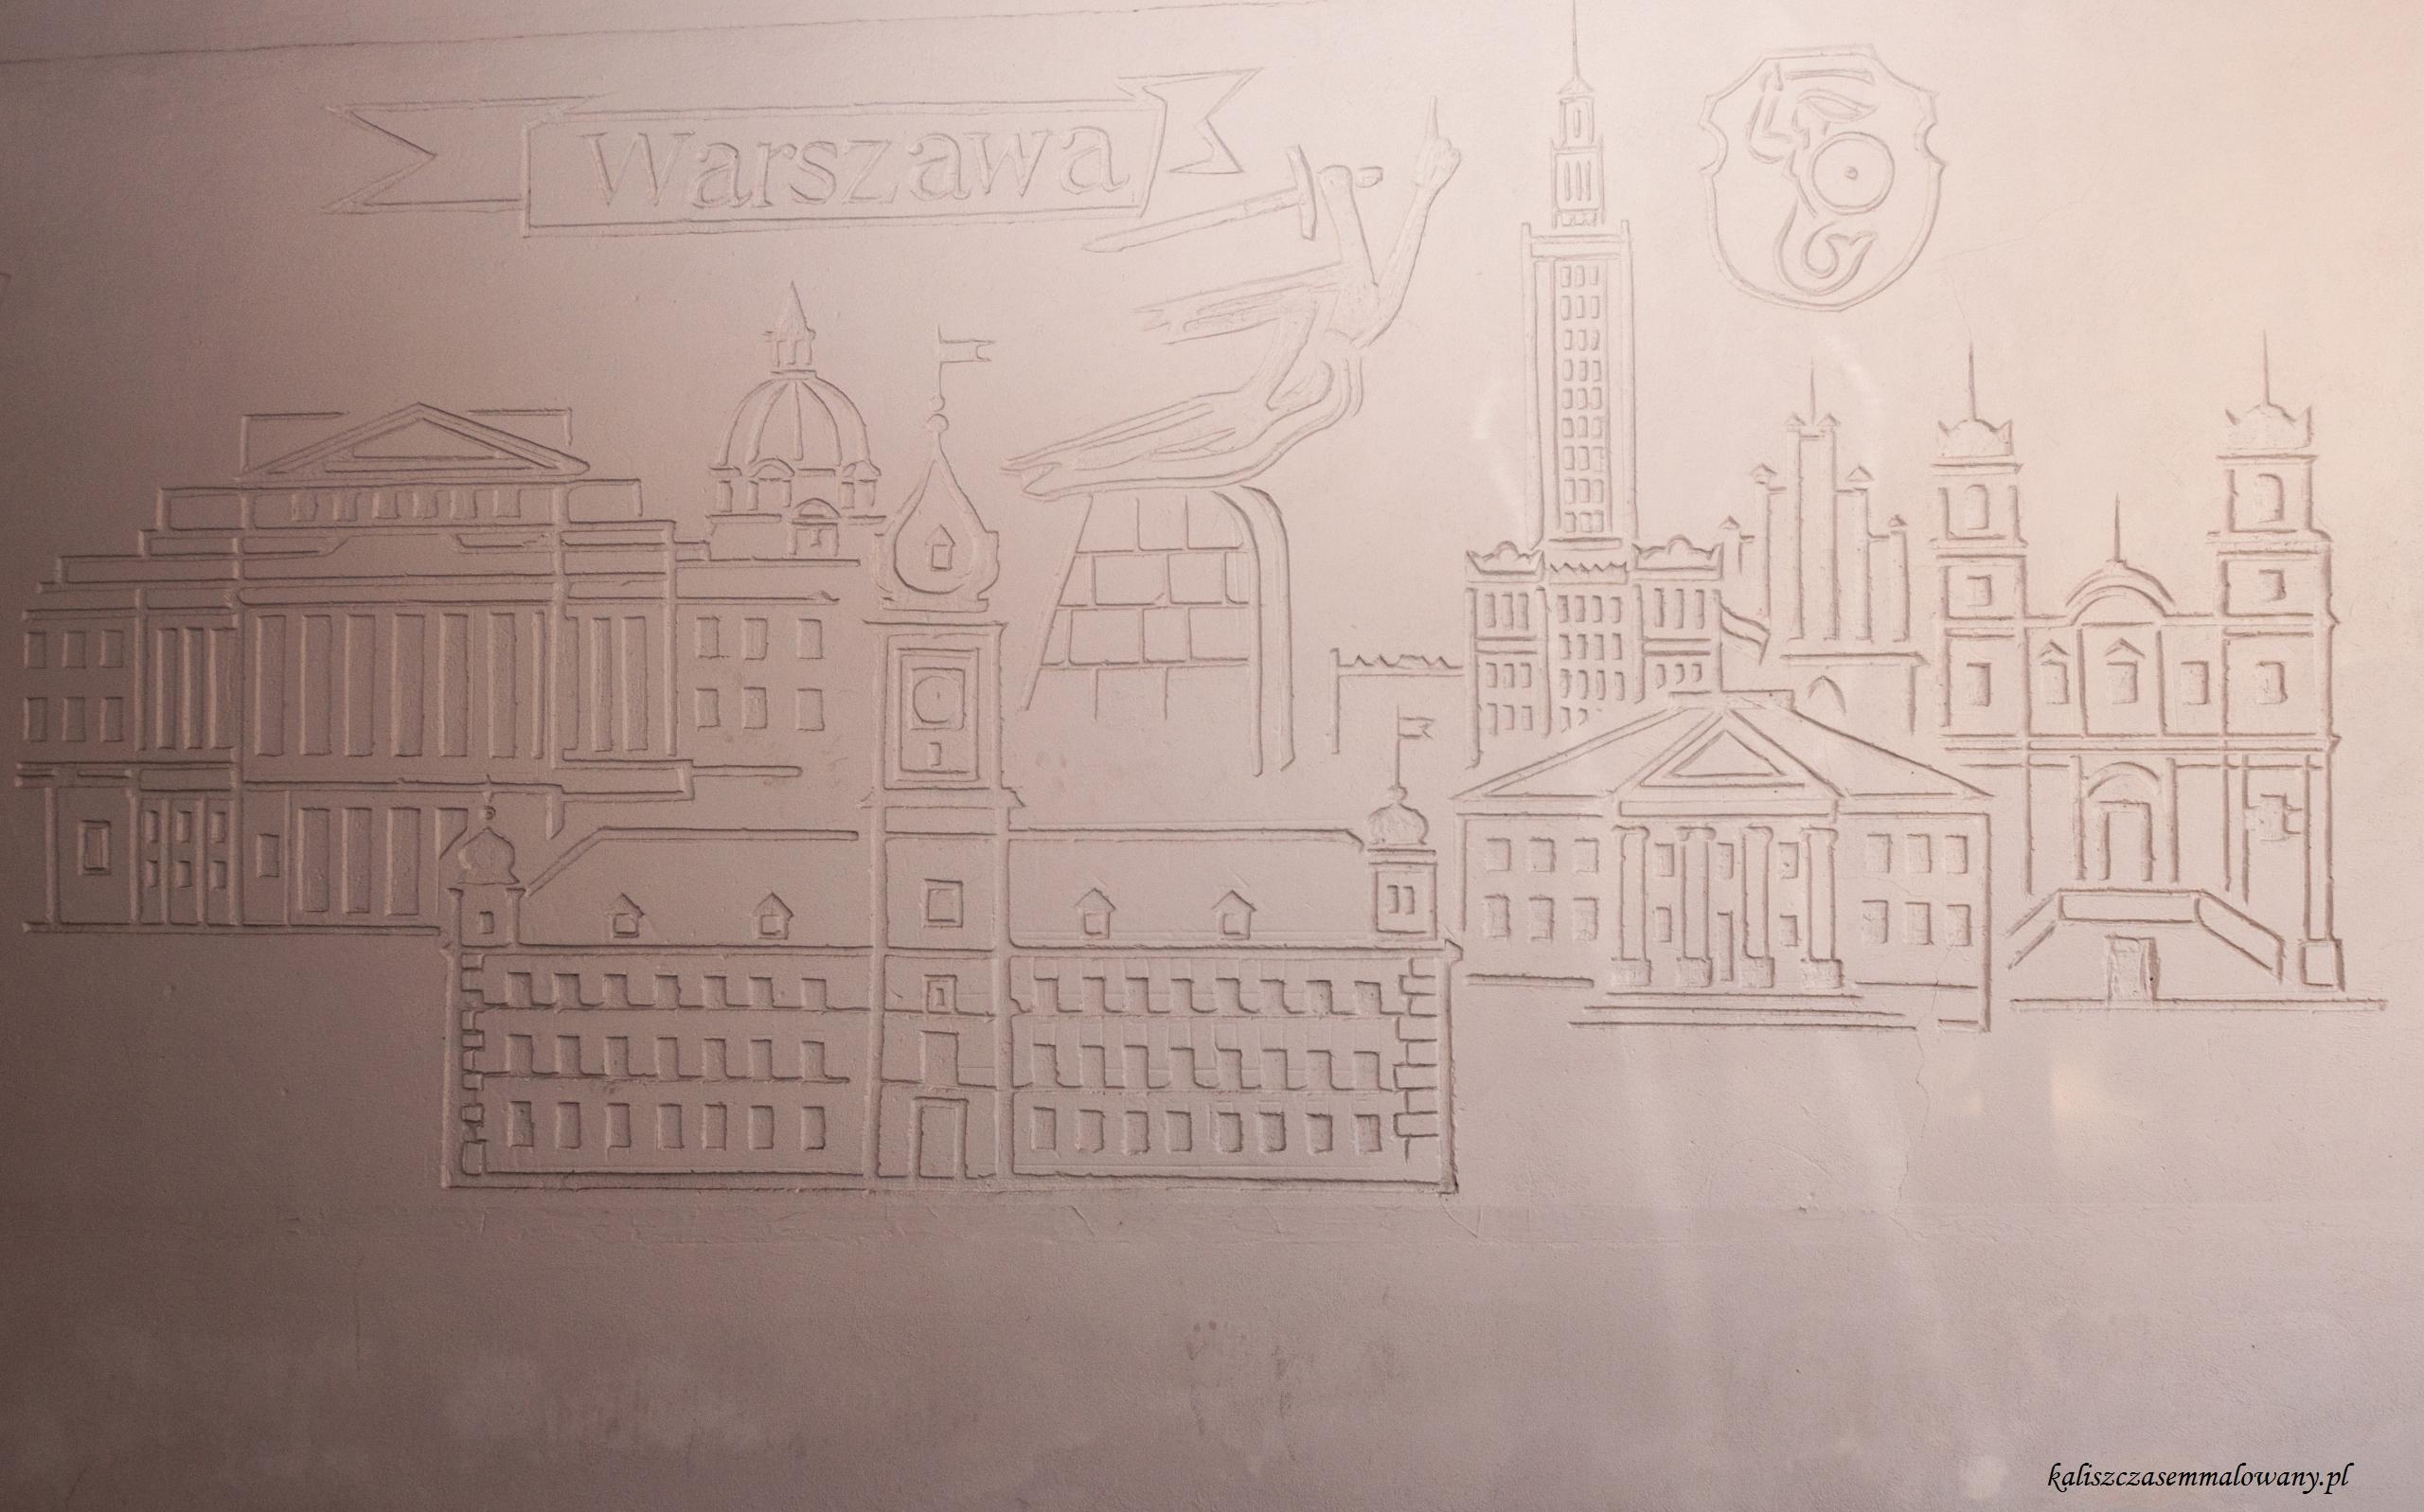 Kościelniak-1-1